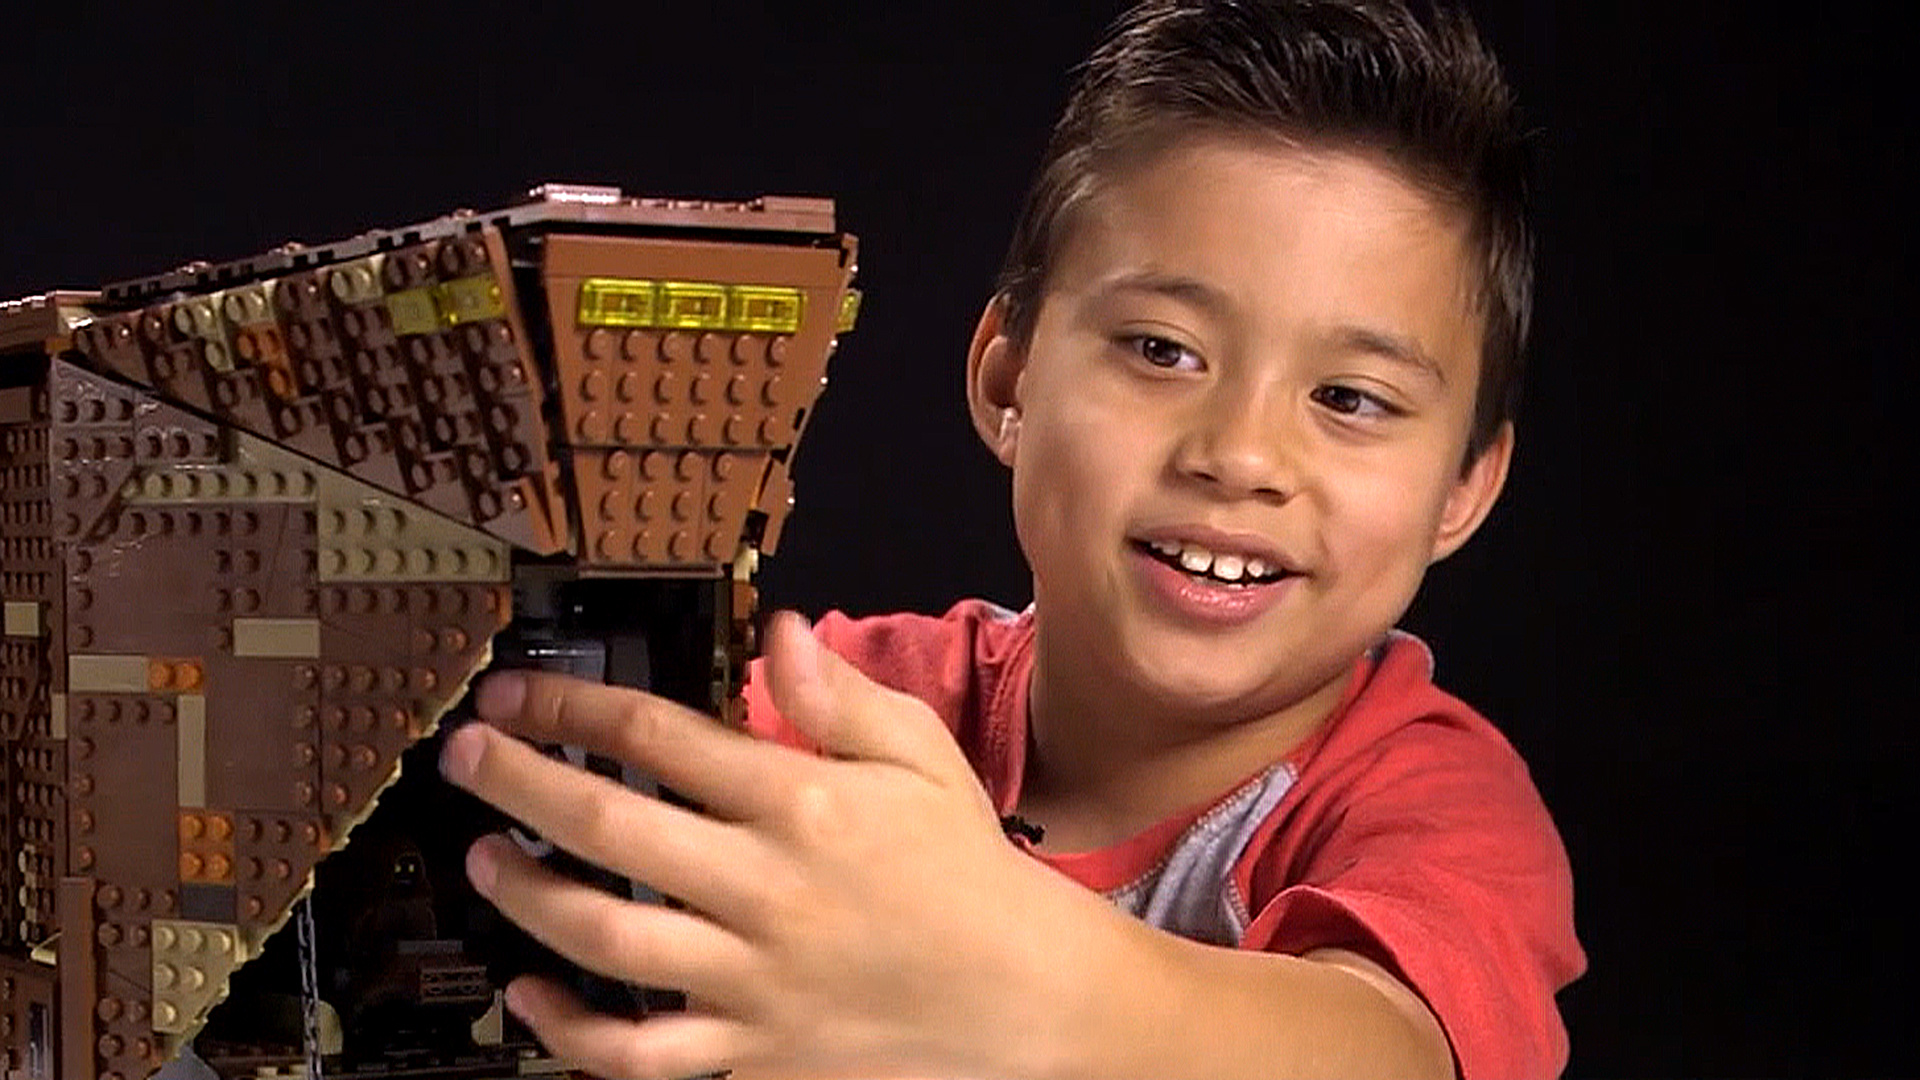 「1億円を稼ぎ出す」9歳児YouTuber・エヴァン君はなぜ誕生したのか? 3番目の画像